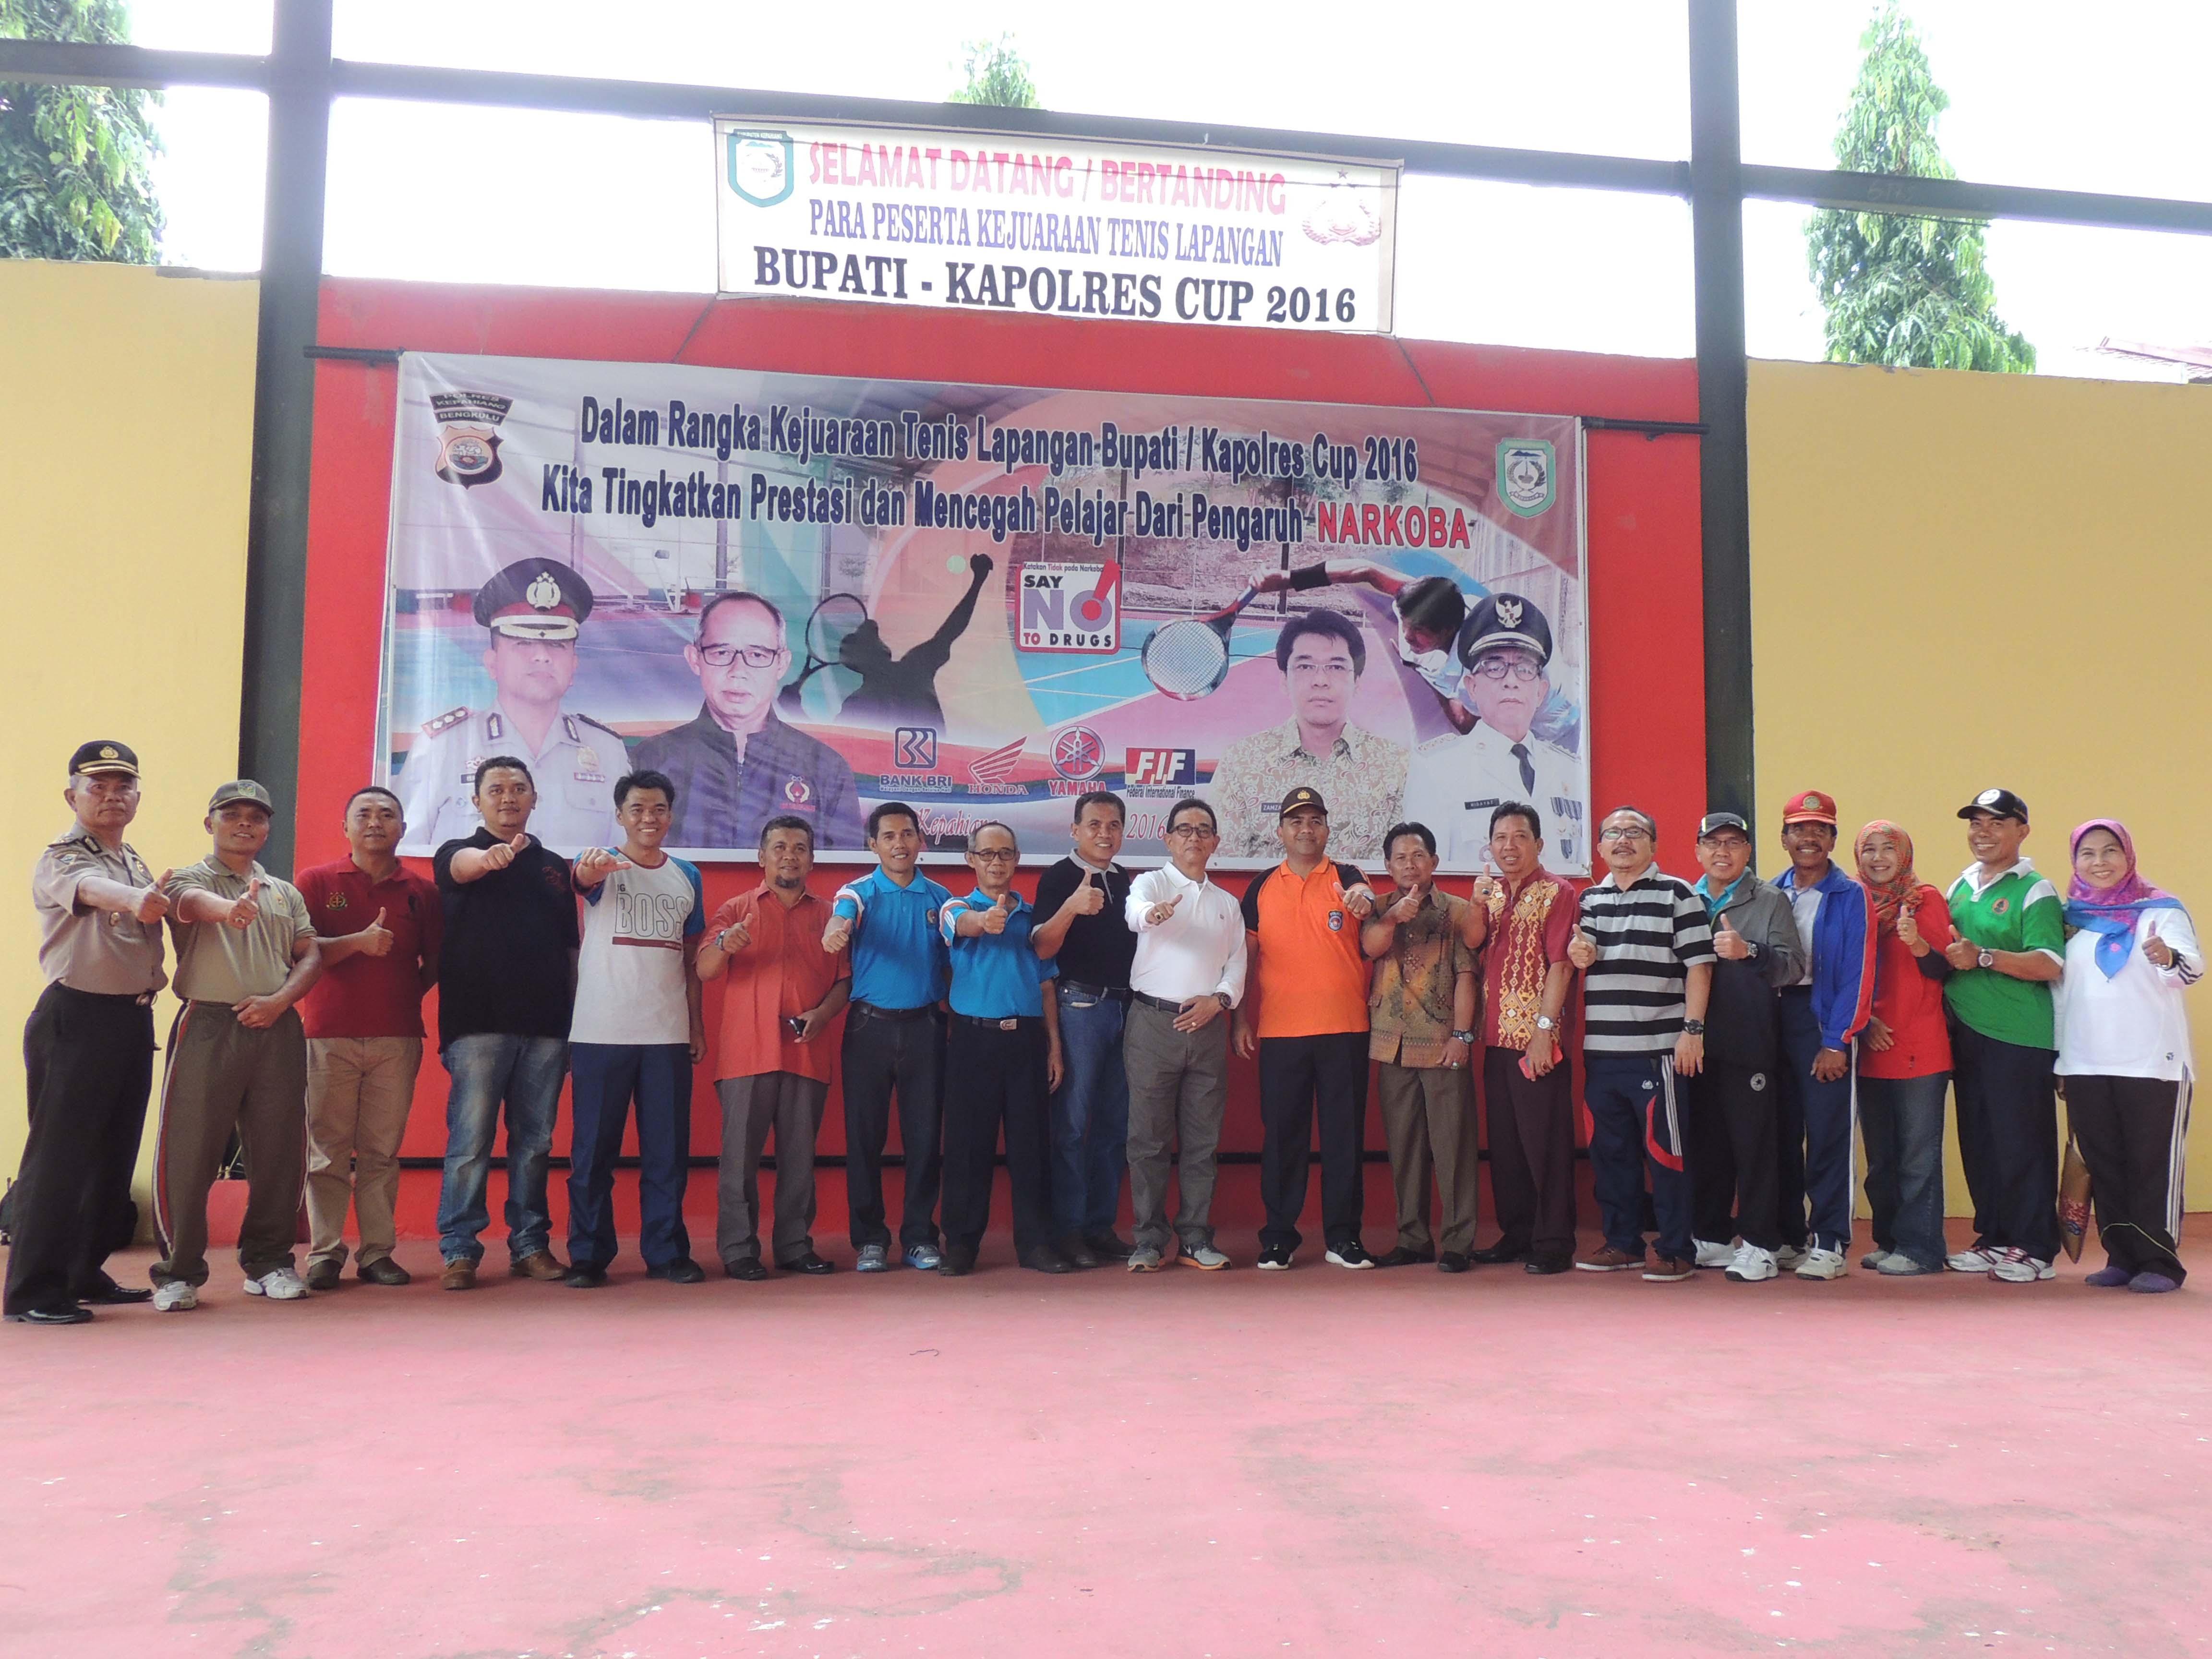 Operasi Bersinar 2016, Bupati dan Kapolres Kepahiang gelar Turnamen Tenis Cup 2016  Anti Narkoba